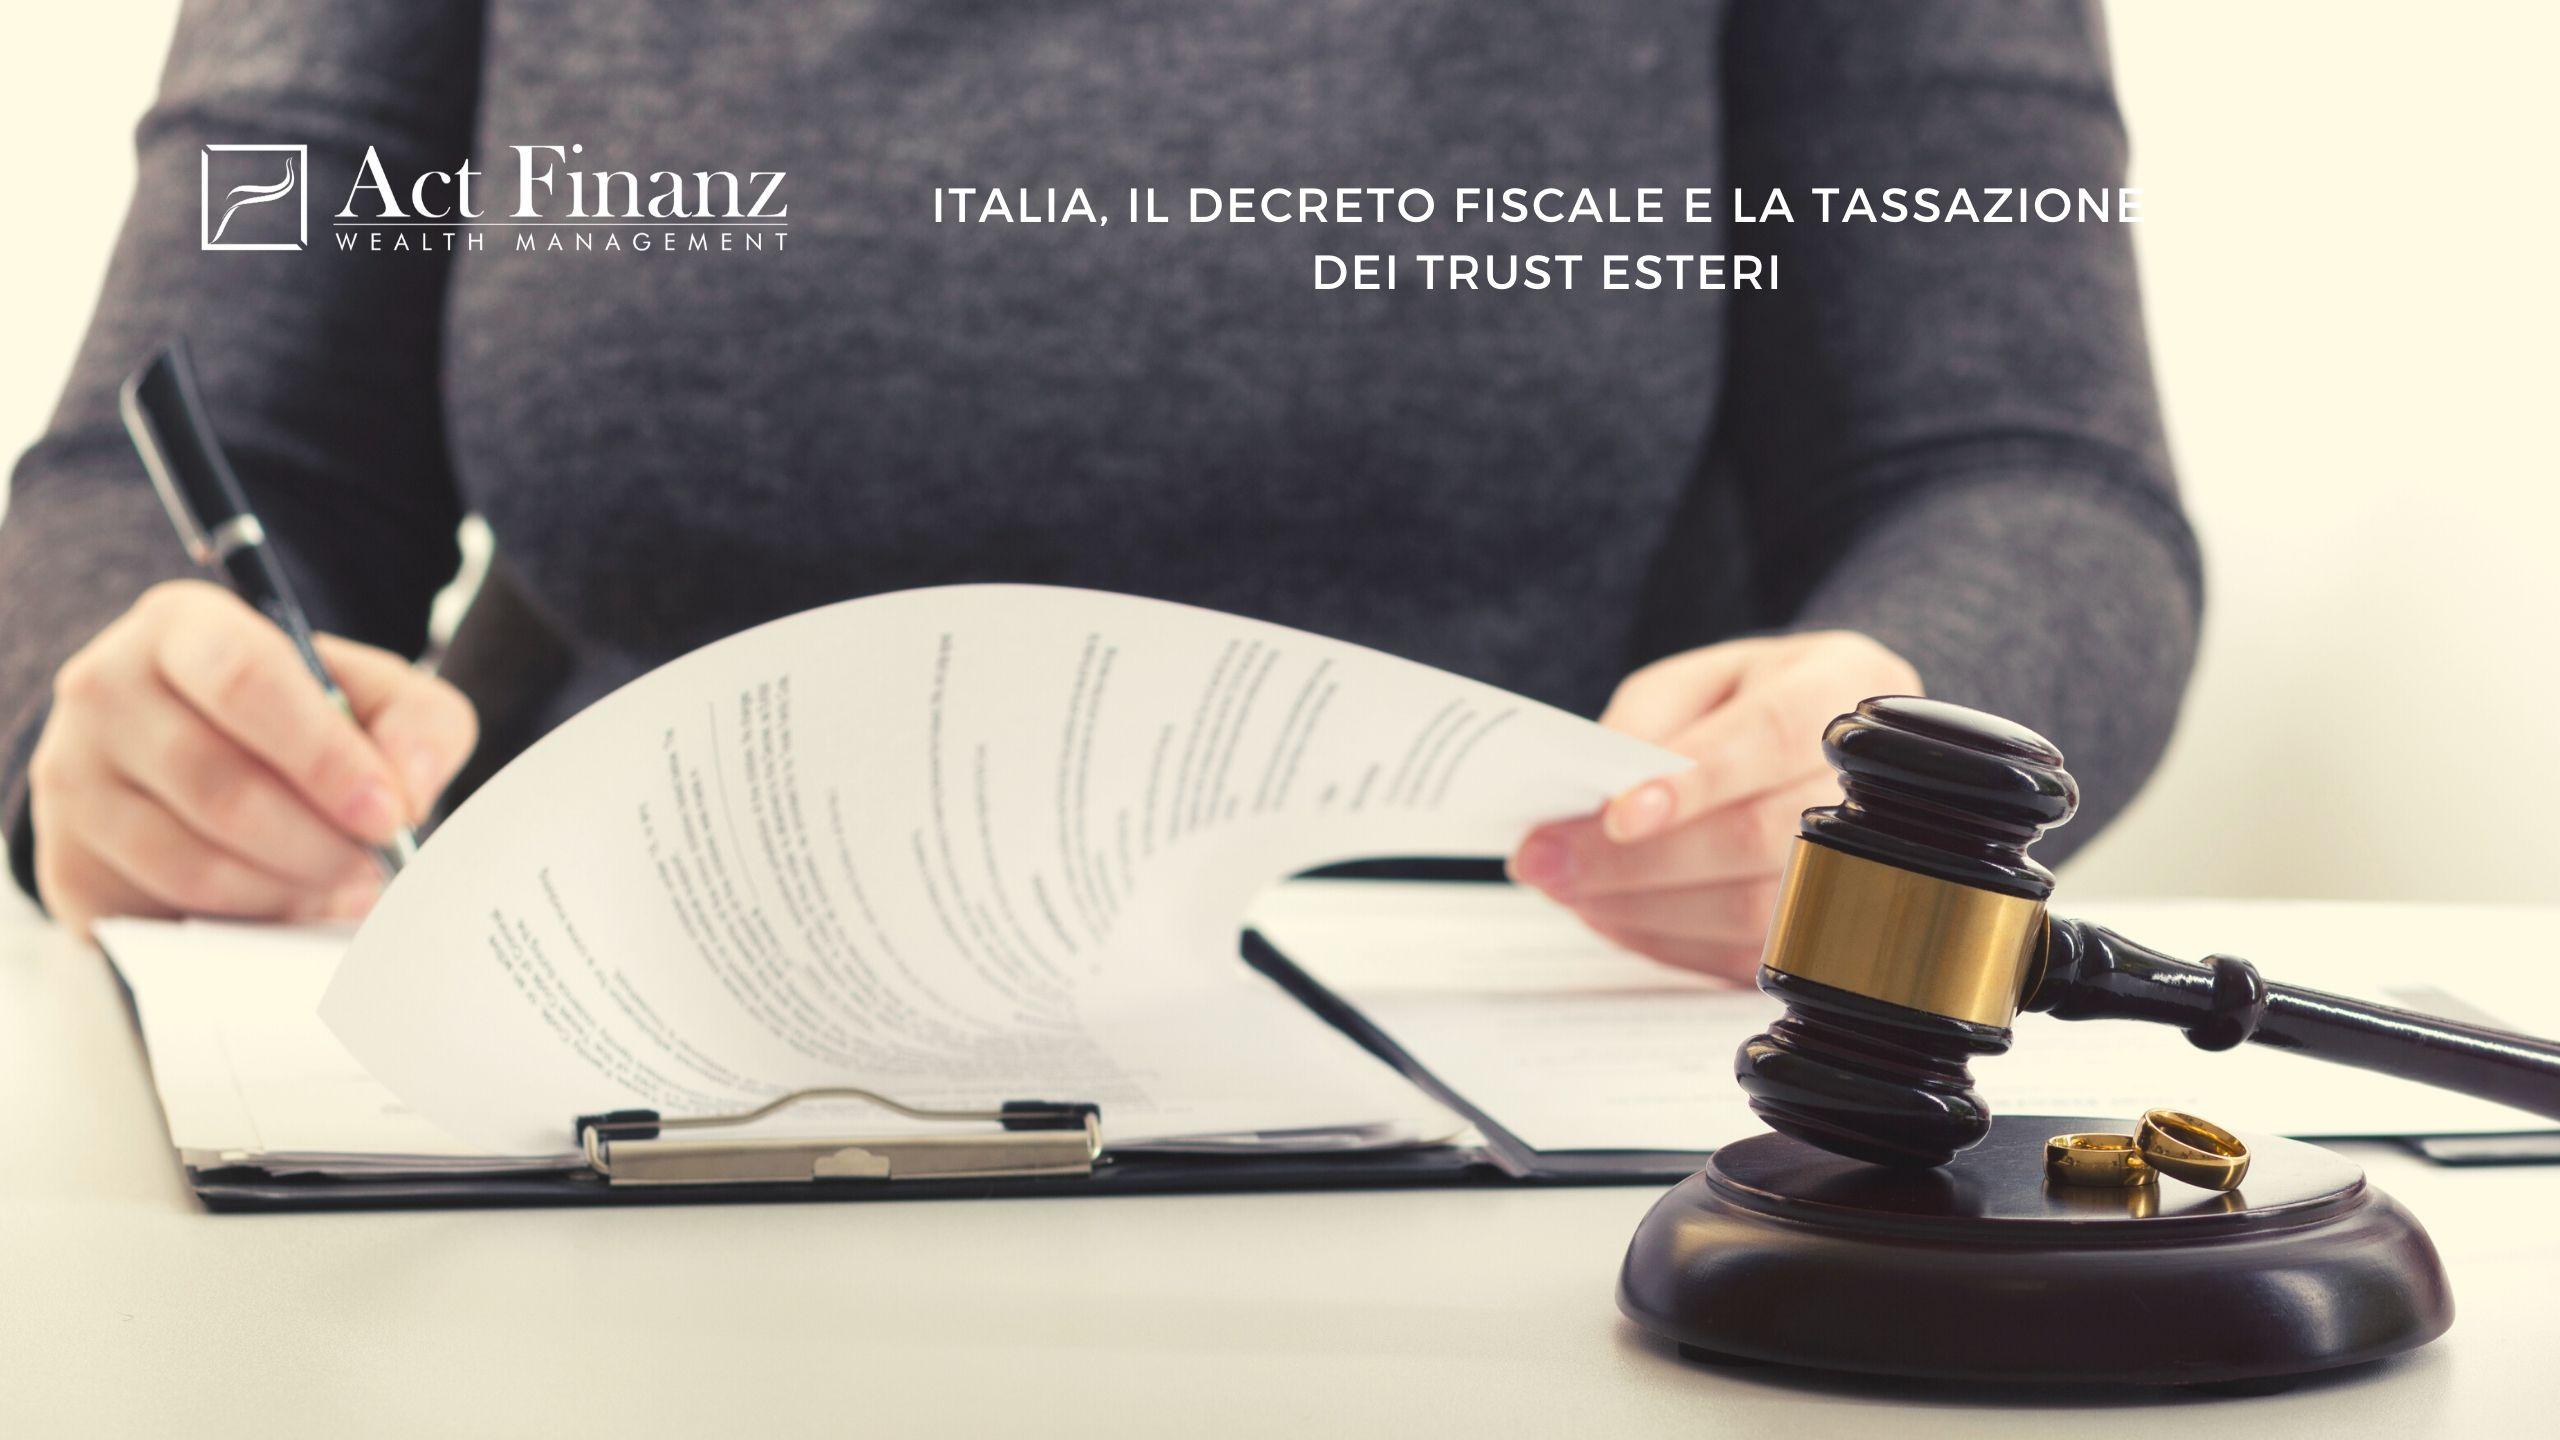 Italia, il Decreto Fiscale e la tassazione dei trust esteri - Act finanz gestori patrimoniali